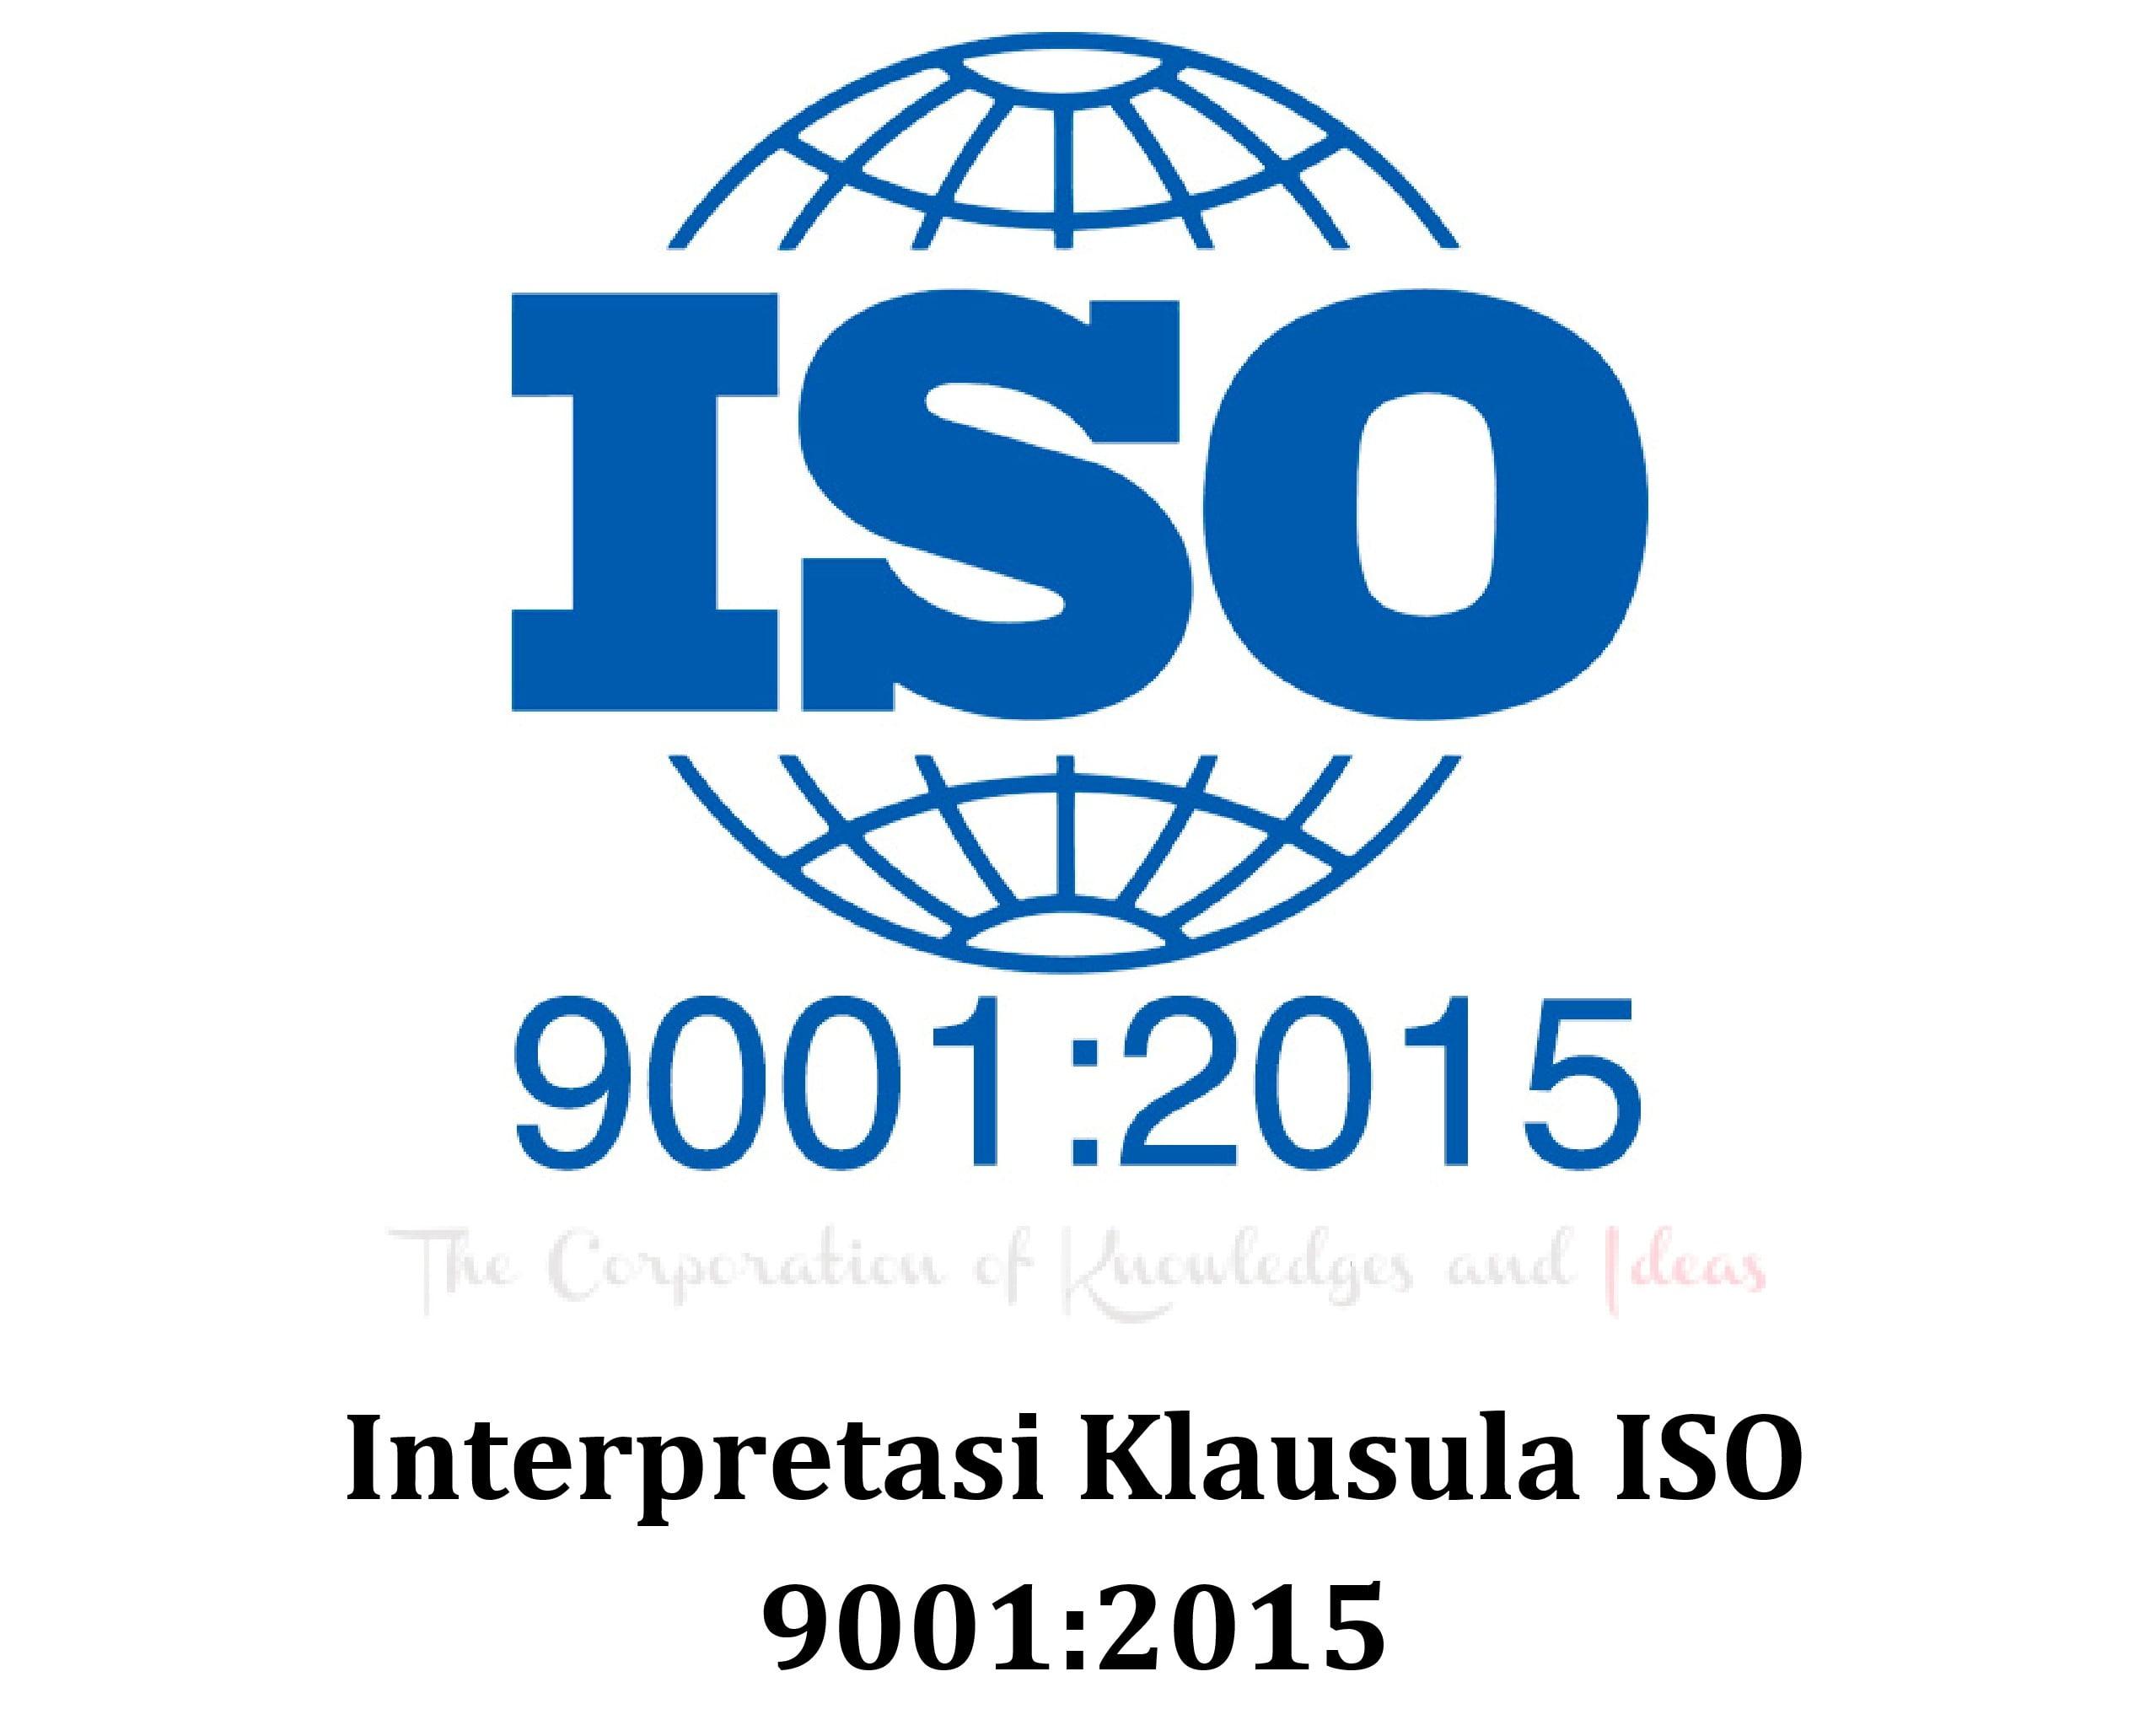 Upgrading ISO 9001,ISO 9001,Upgrading ISO 9001:2015,ISO 9001:2015